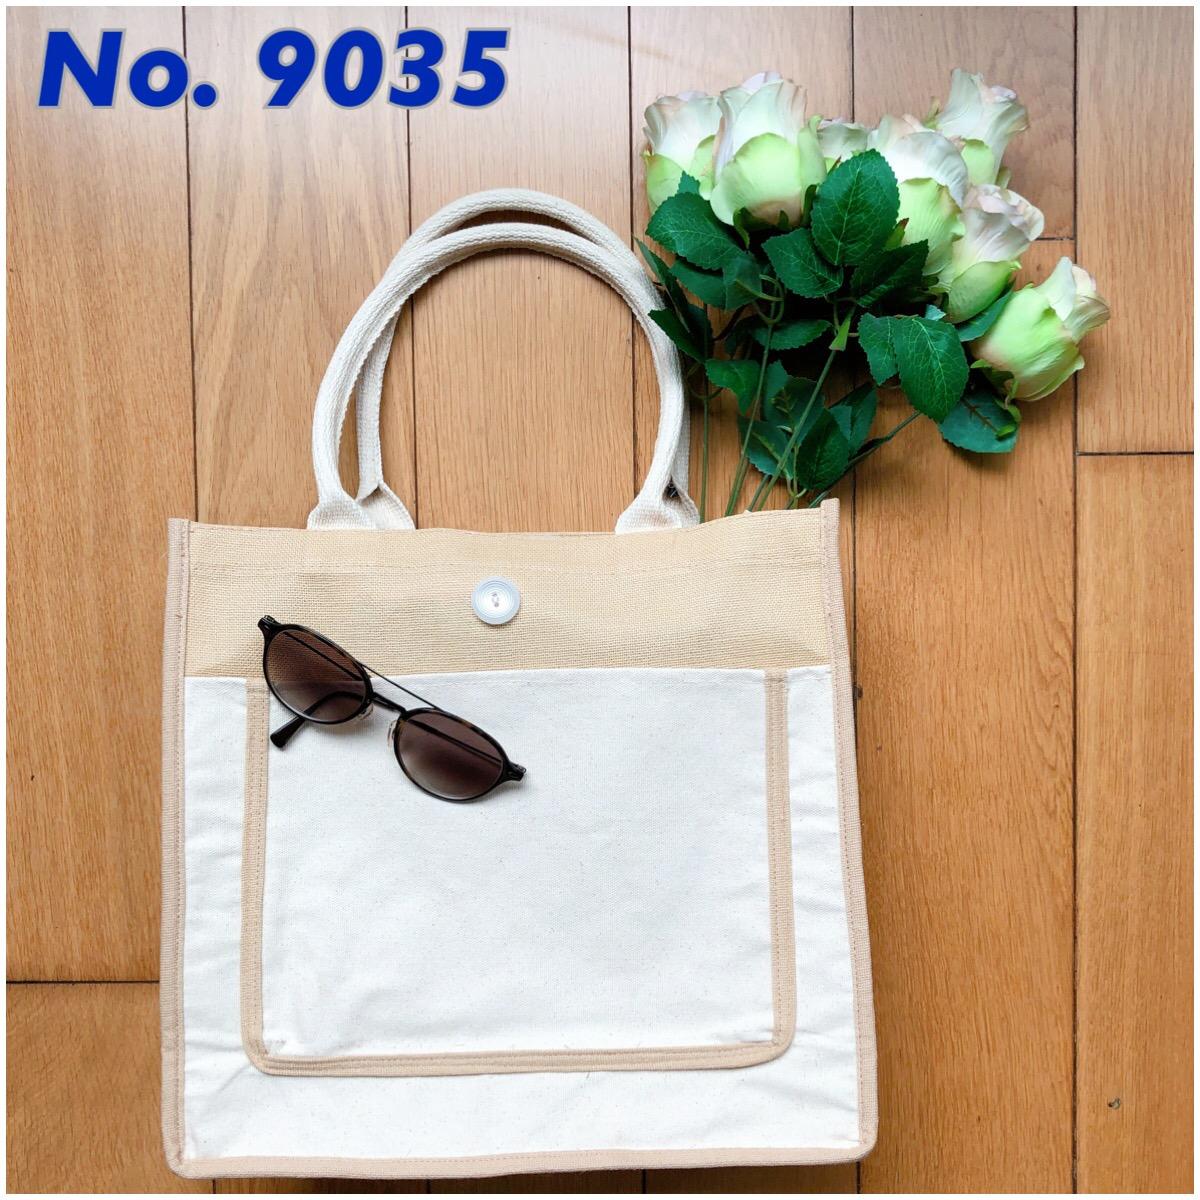 กระเป๋าช้อปปิ้ง กระเป๋าผ้ากระสอบ รุ่น 9035